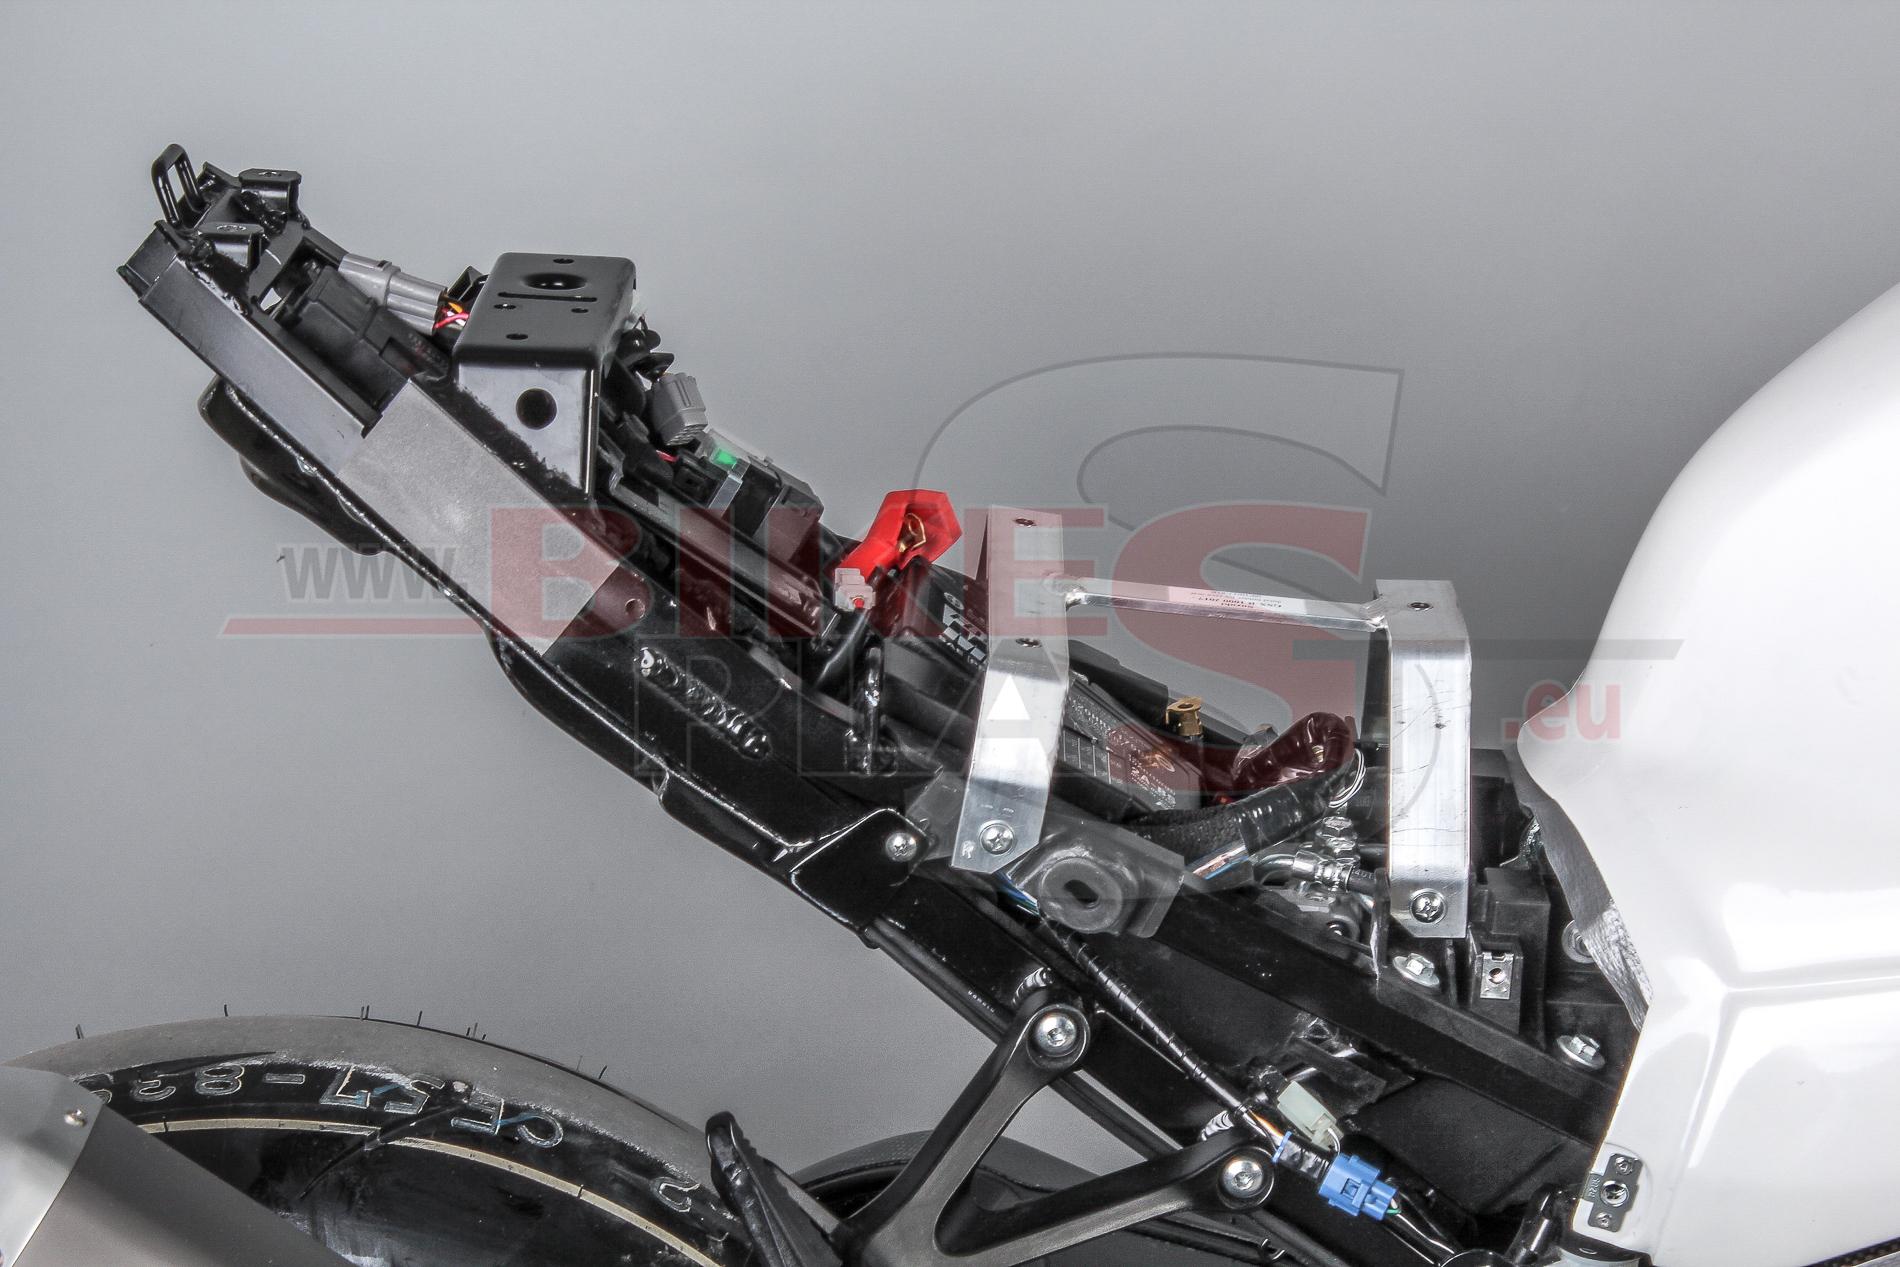 fuse box on 2002 yamaha r1 subframe     suzuki gsx r1000 2017     bikesplast com  subframe     suzuki gsx r1000 2017     bikesplast com